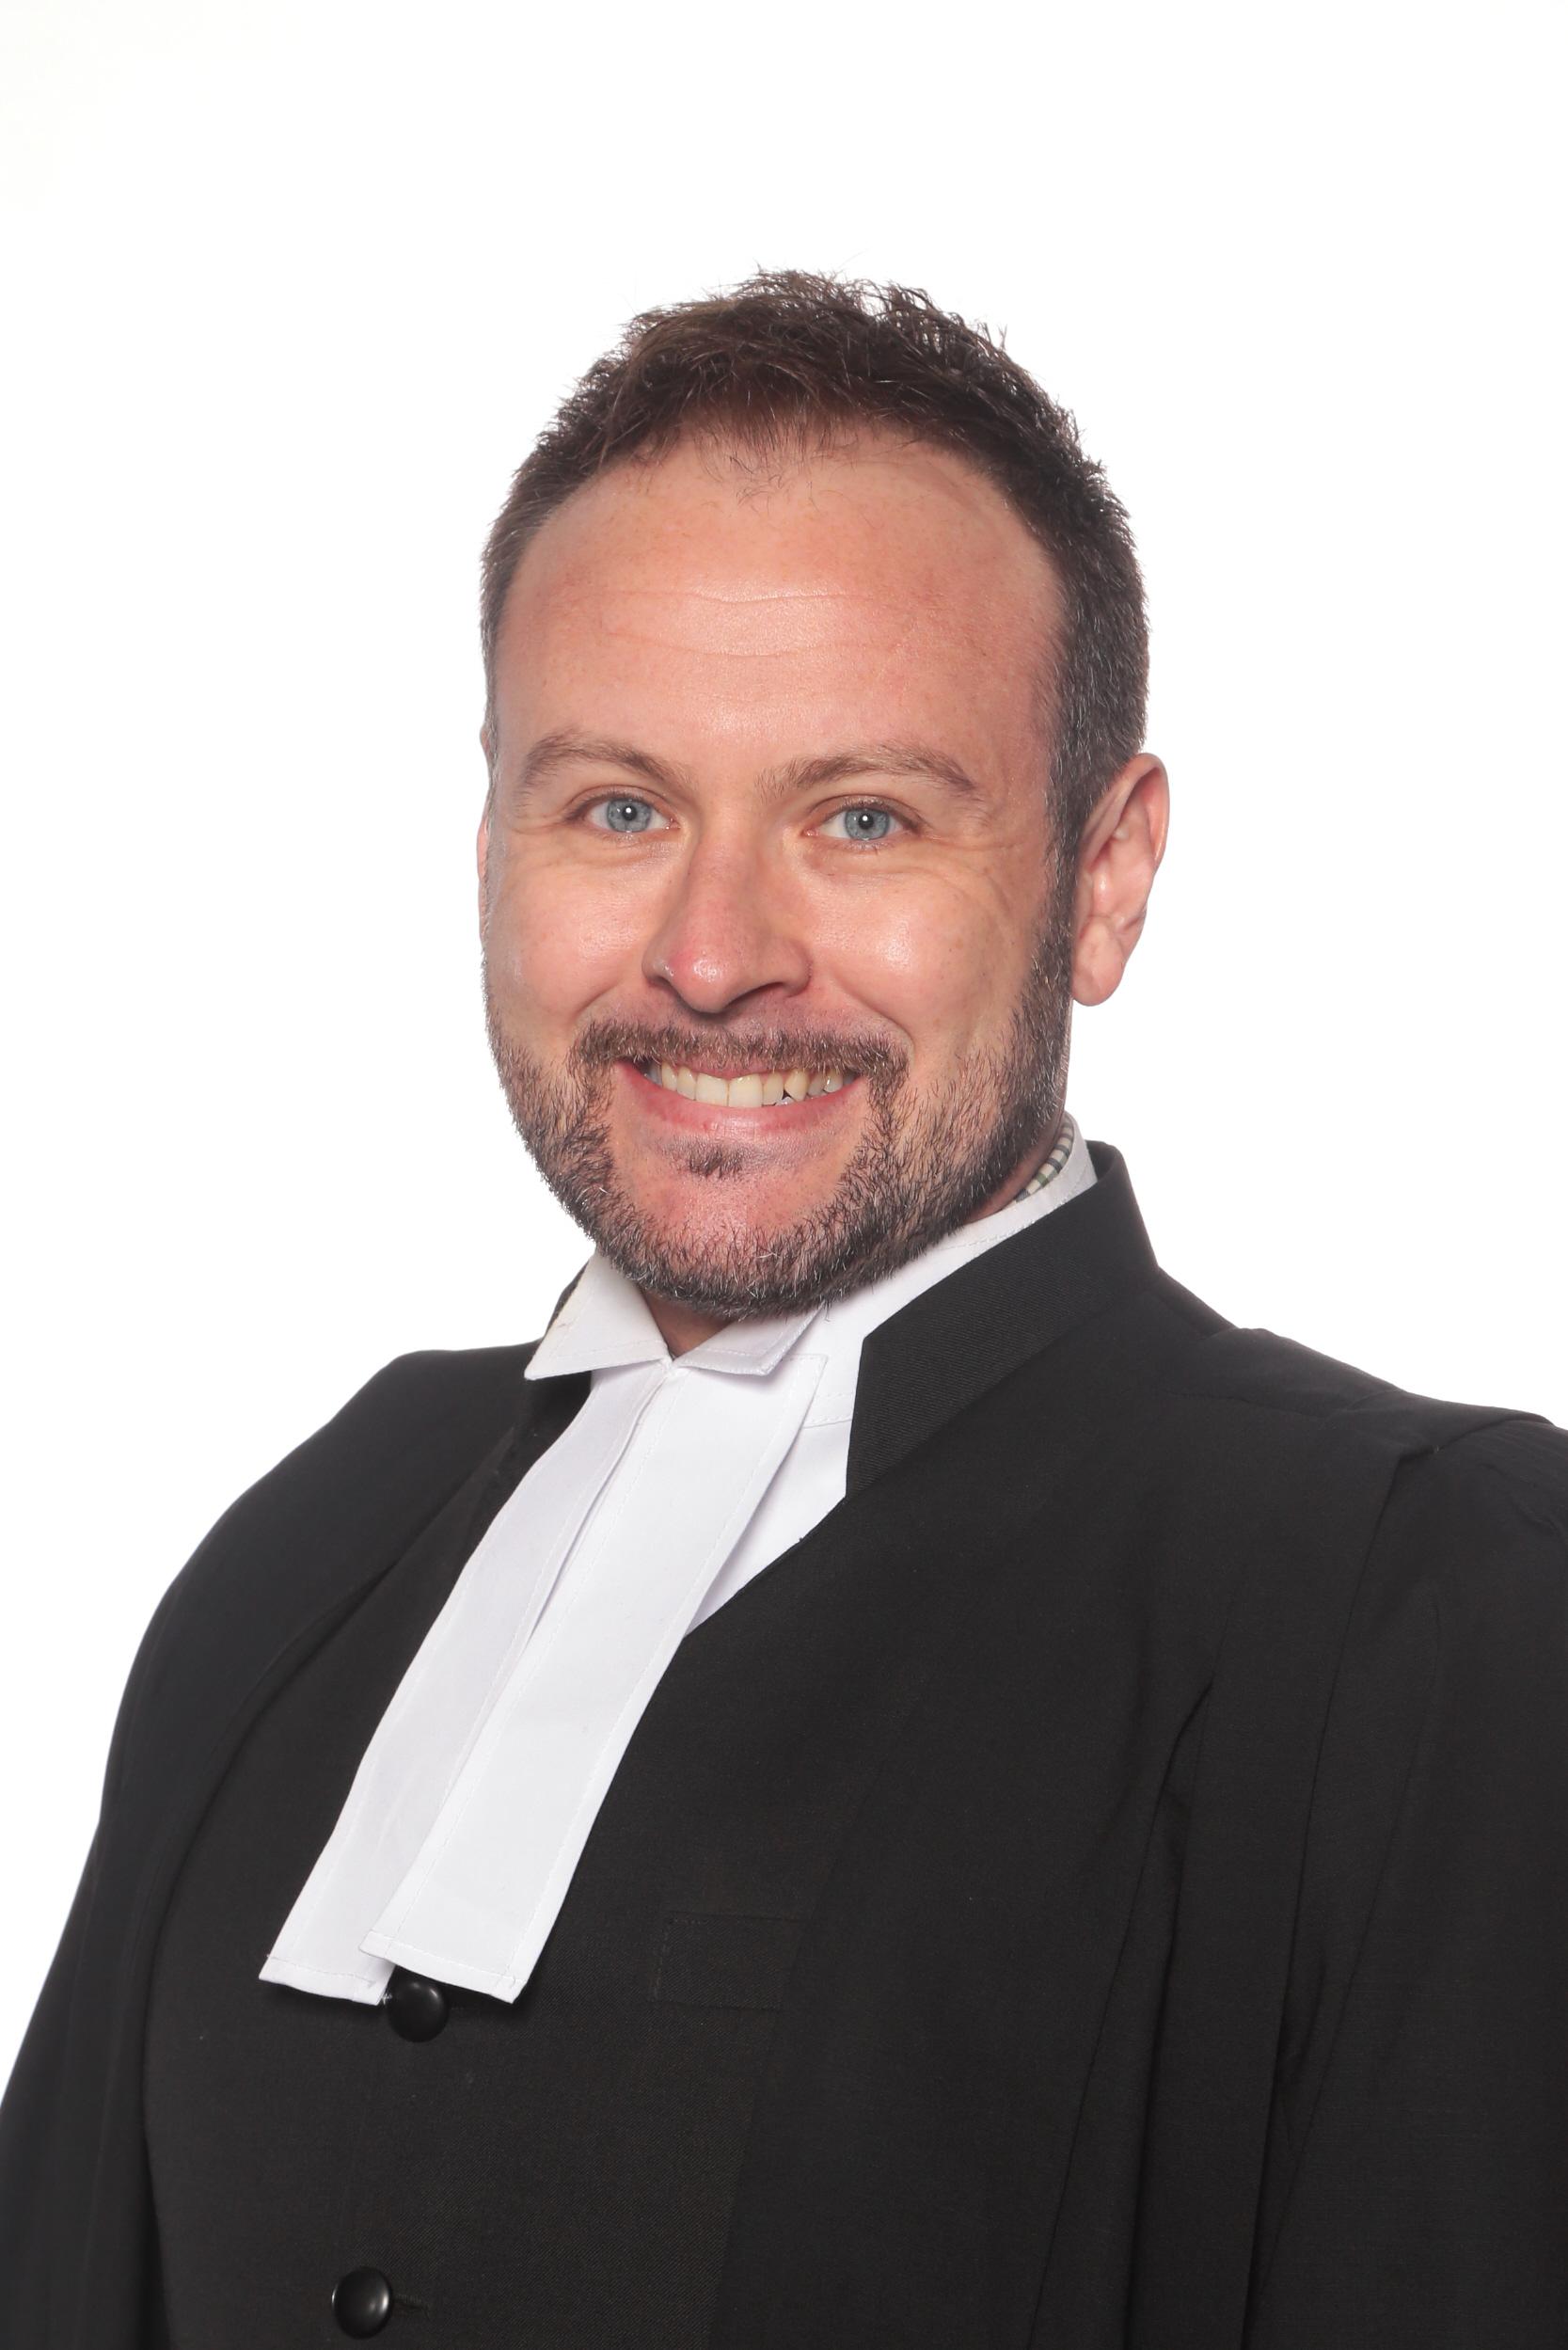 Paul Czarnota, Bcom/LLB (Hons)(Monash), LLM (Melb)